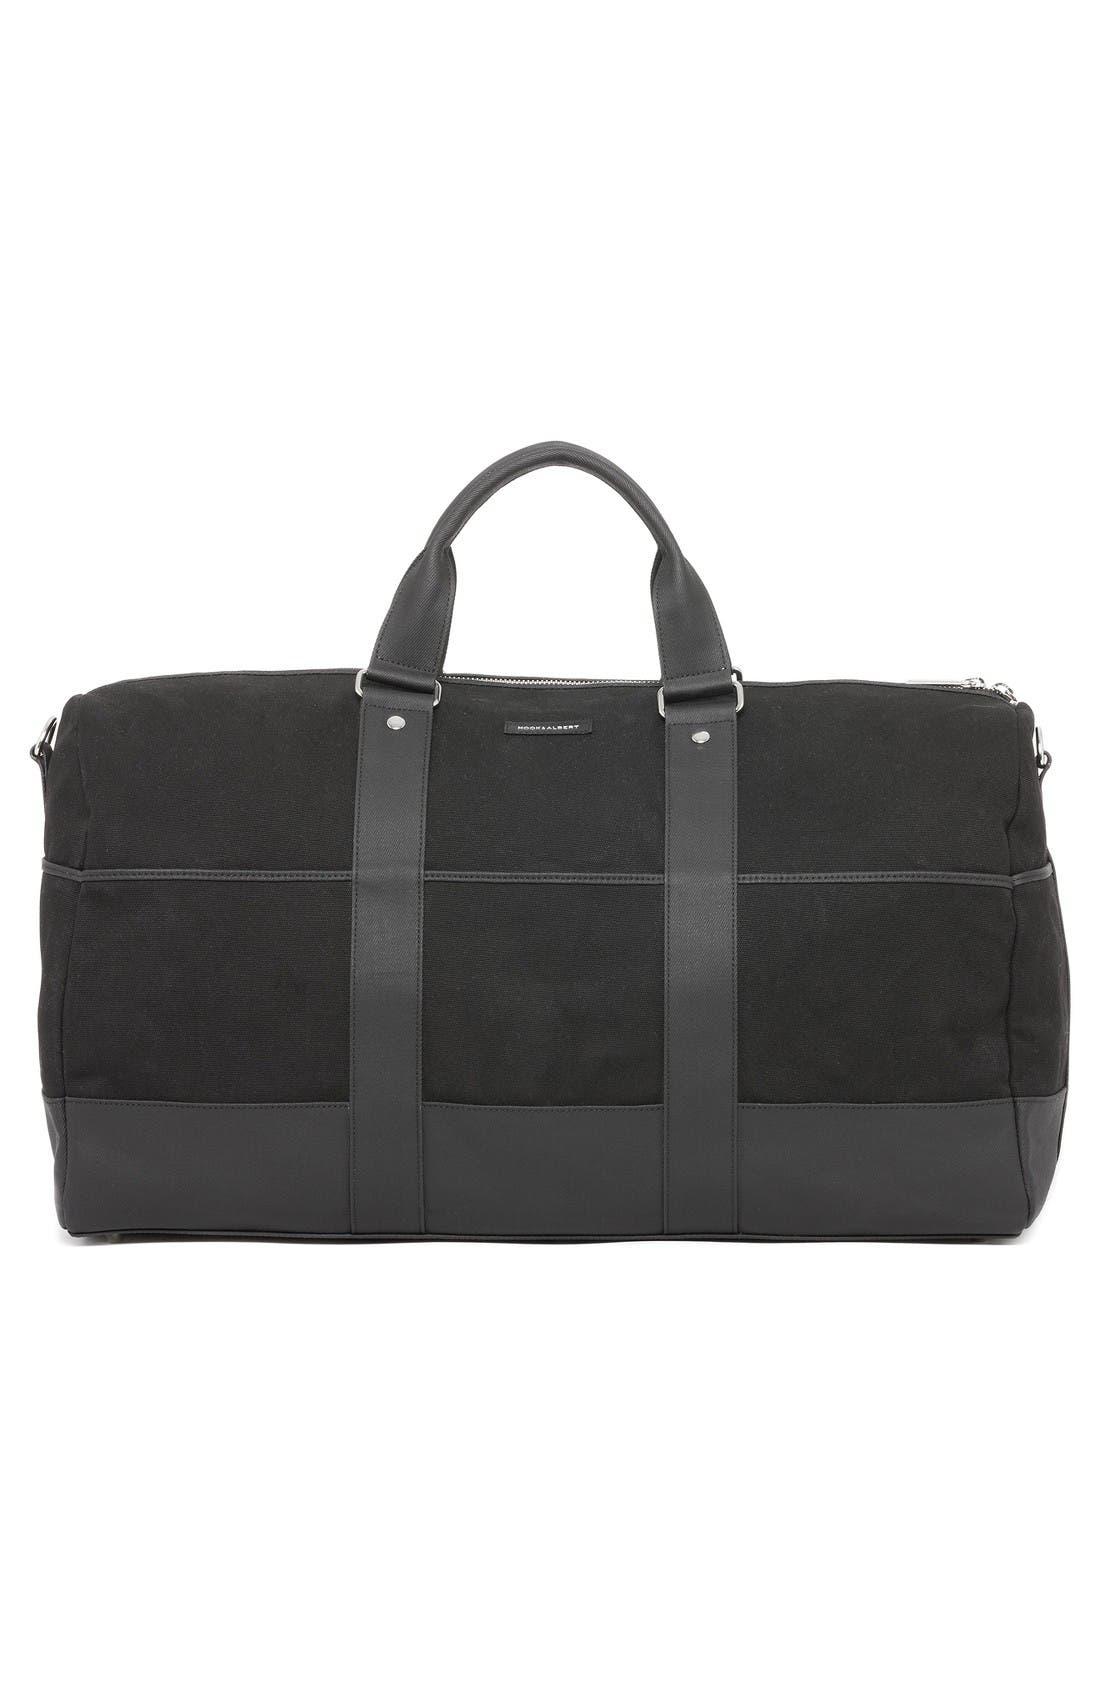 Alternate Image 1 Selected - hook + ALBERT Gym Duffel Bag